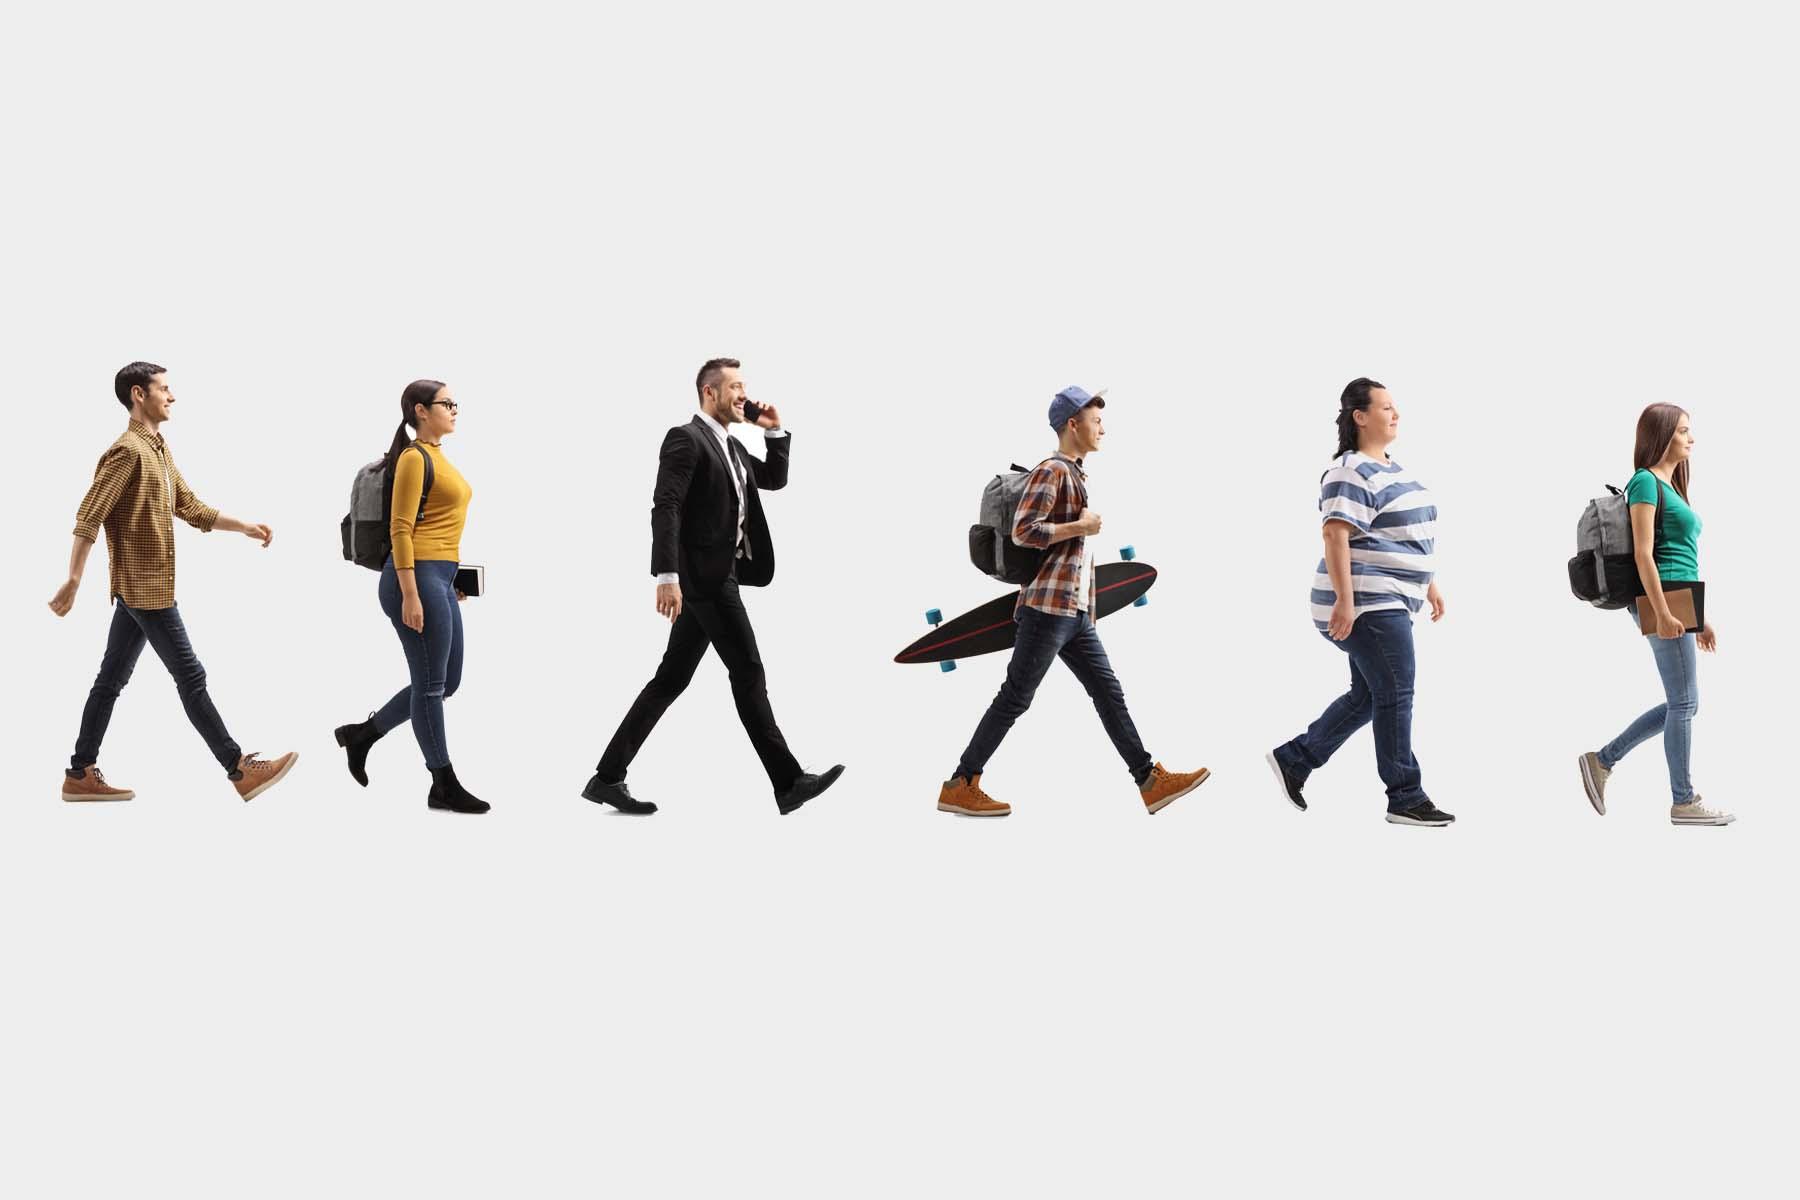 Line of people walking